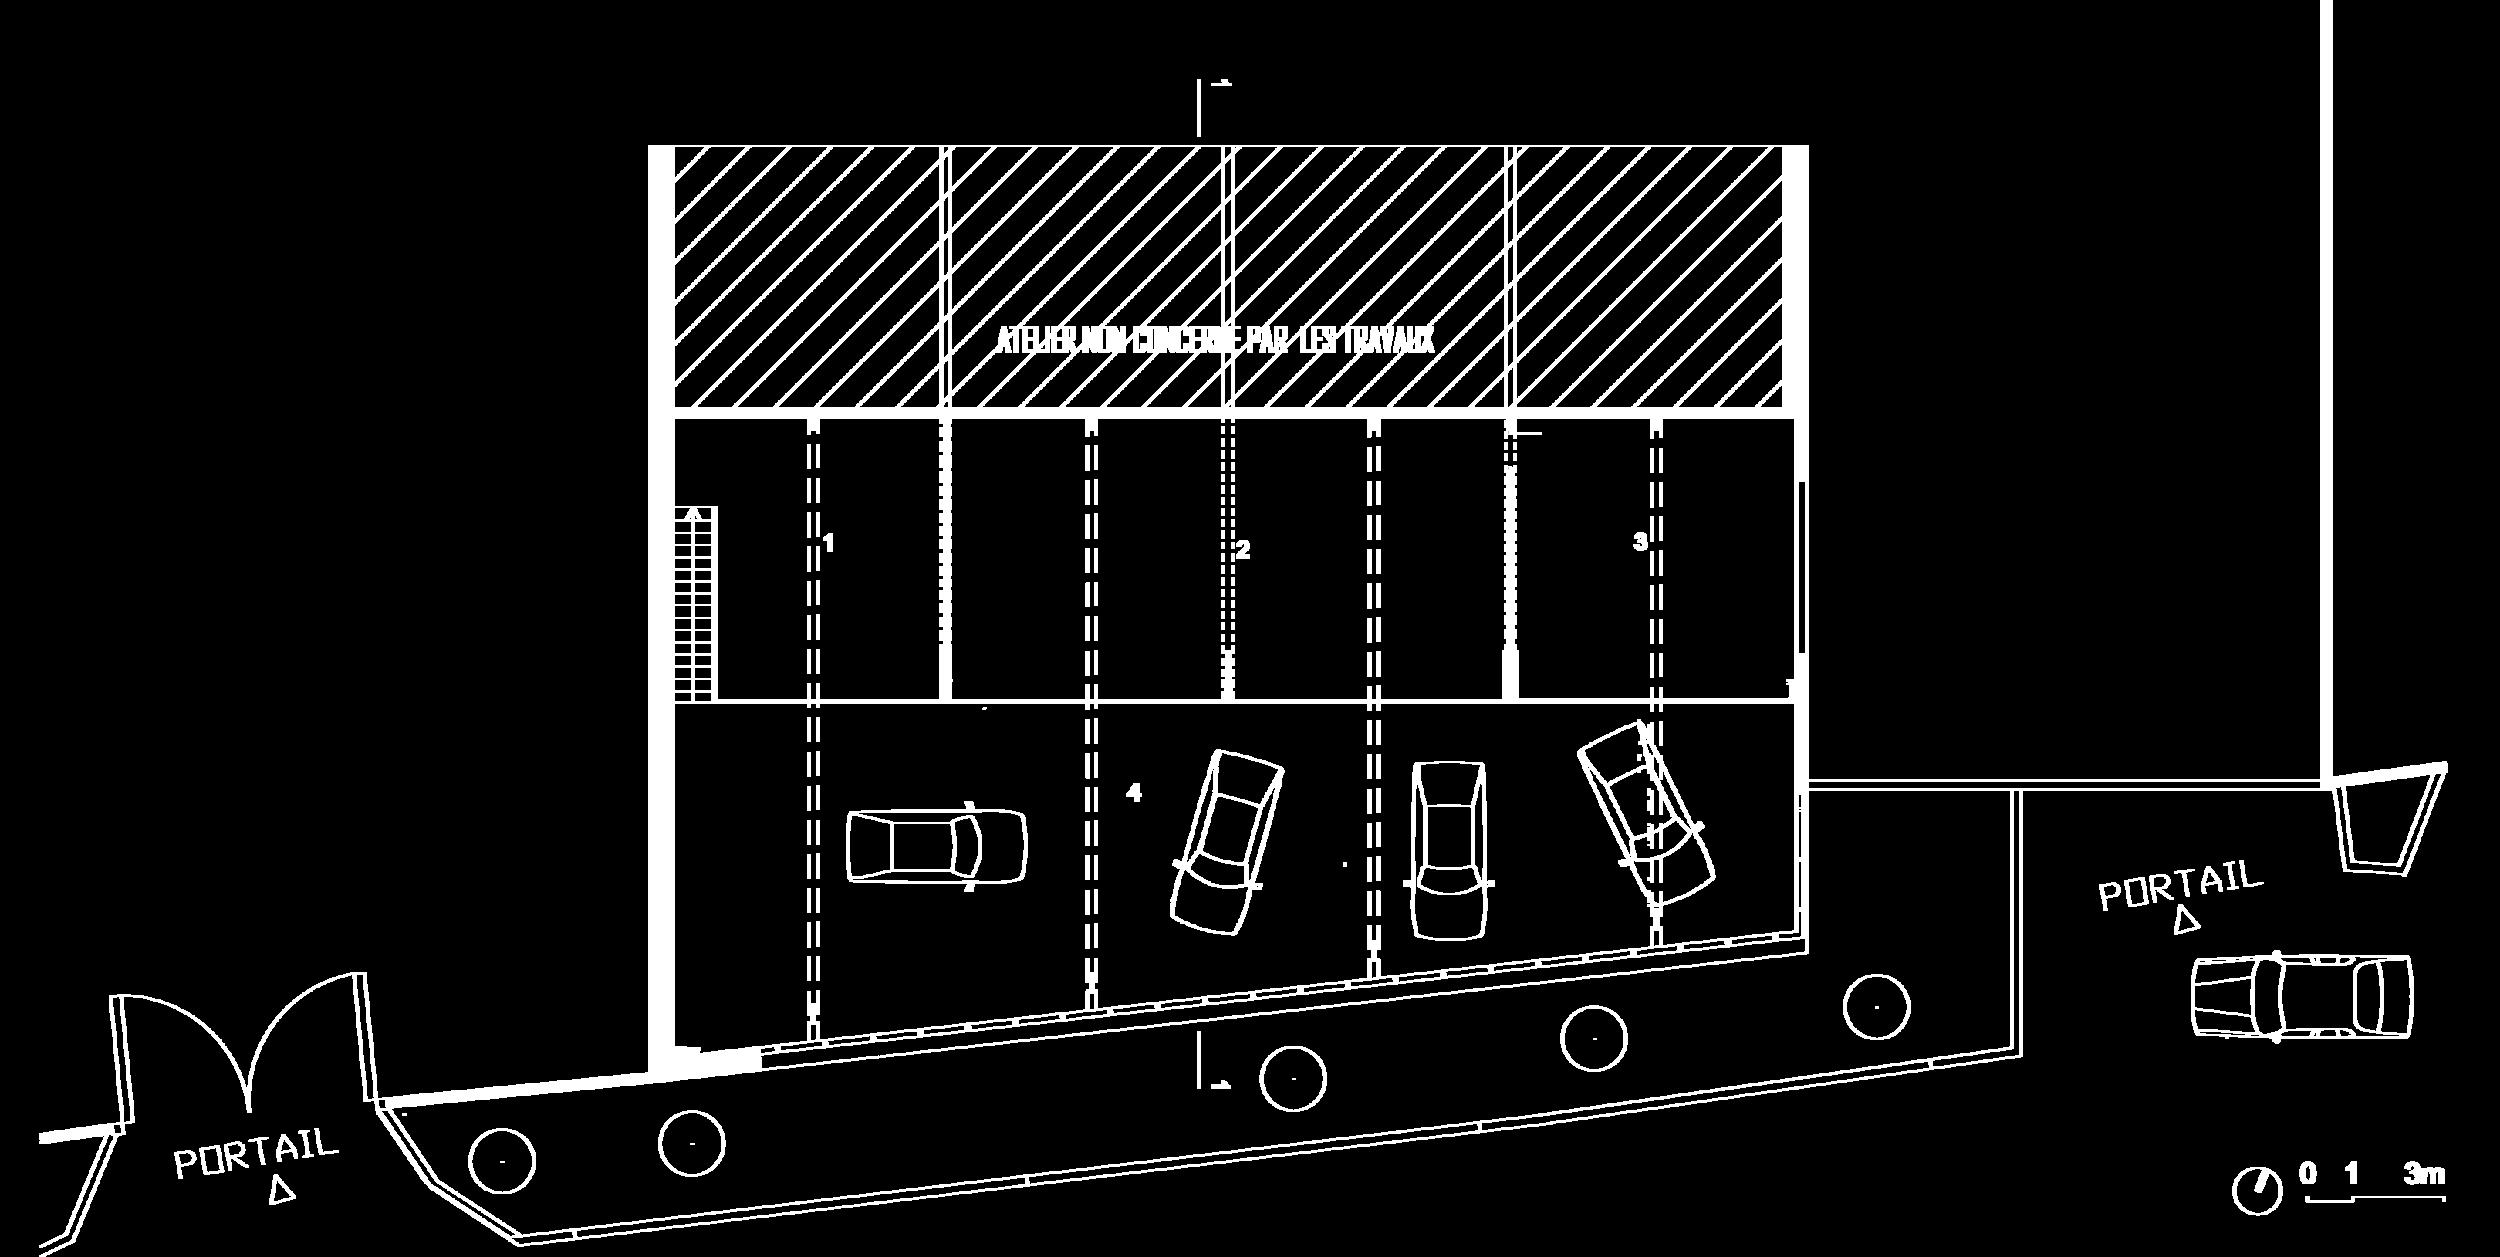 Plan de la mezzanine :  1- Salle d'attente, 2- Bureaux en open space, 3- Bureau direction, 4- Vide sur rez-de-chaussée.